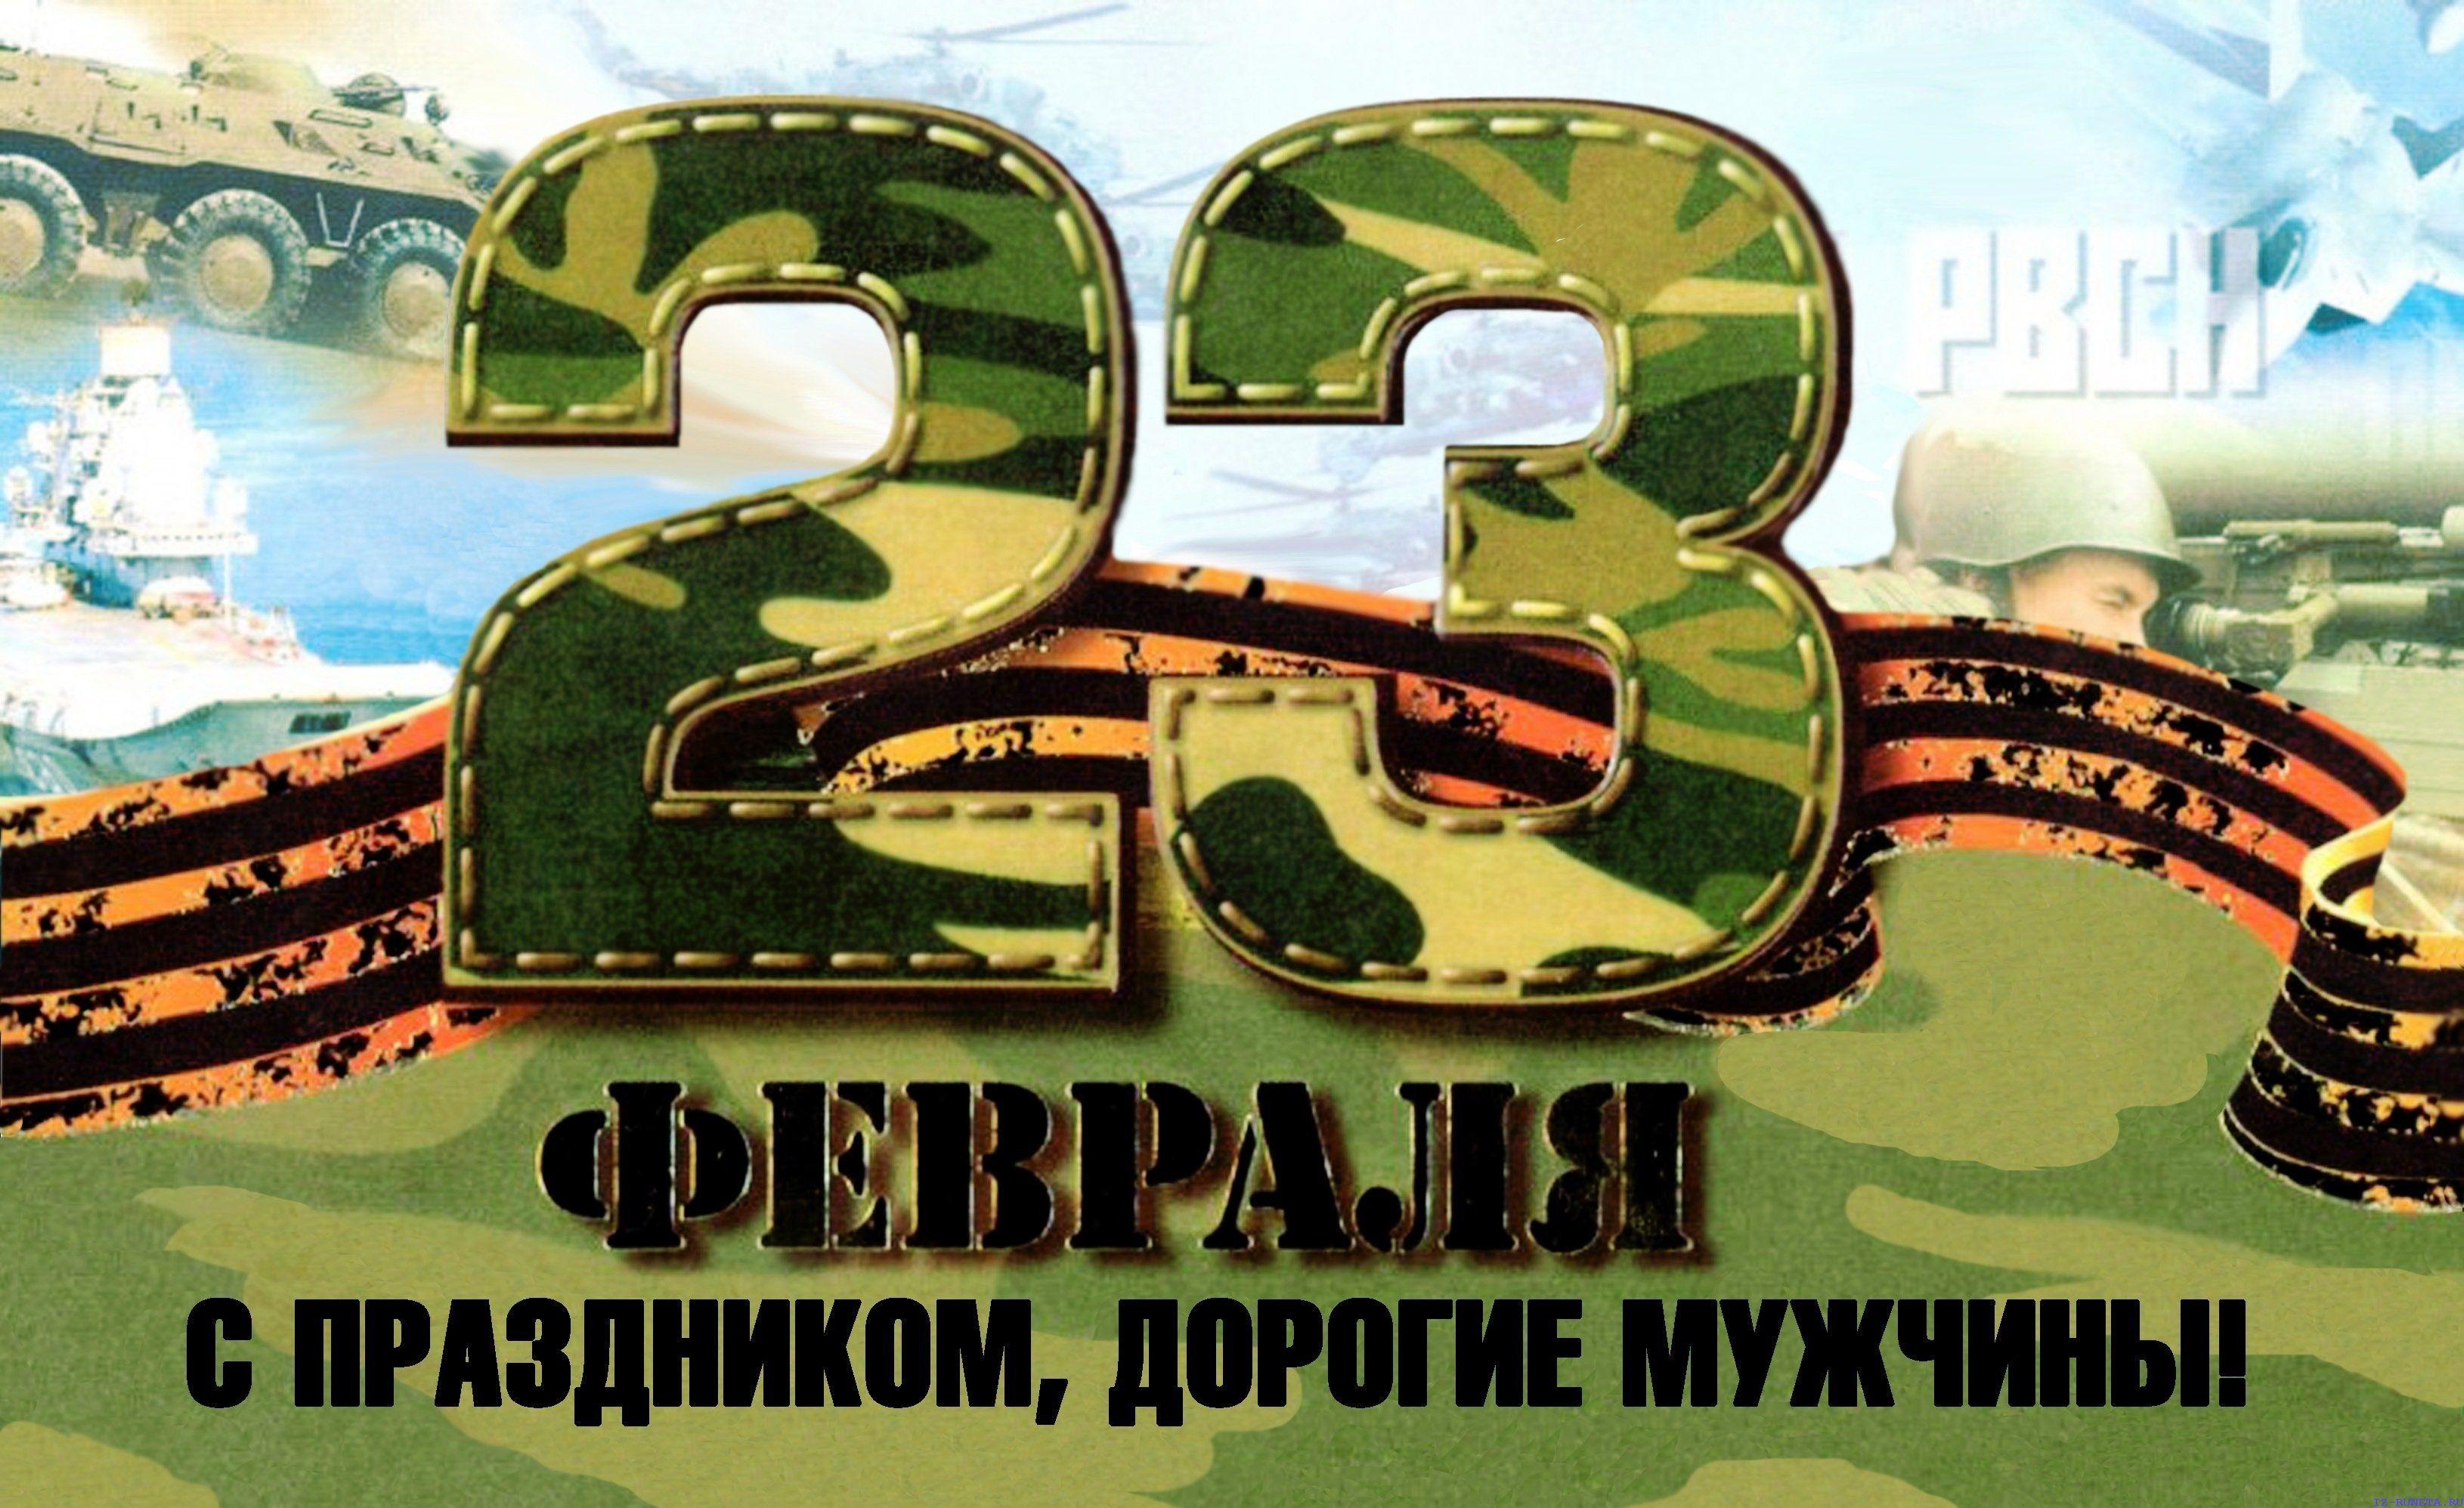 23 5 1 - Поздравление Любимому в День Защитника!